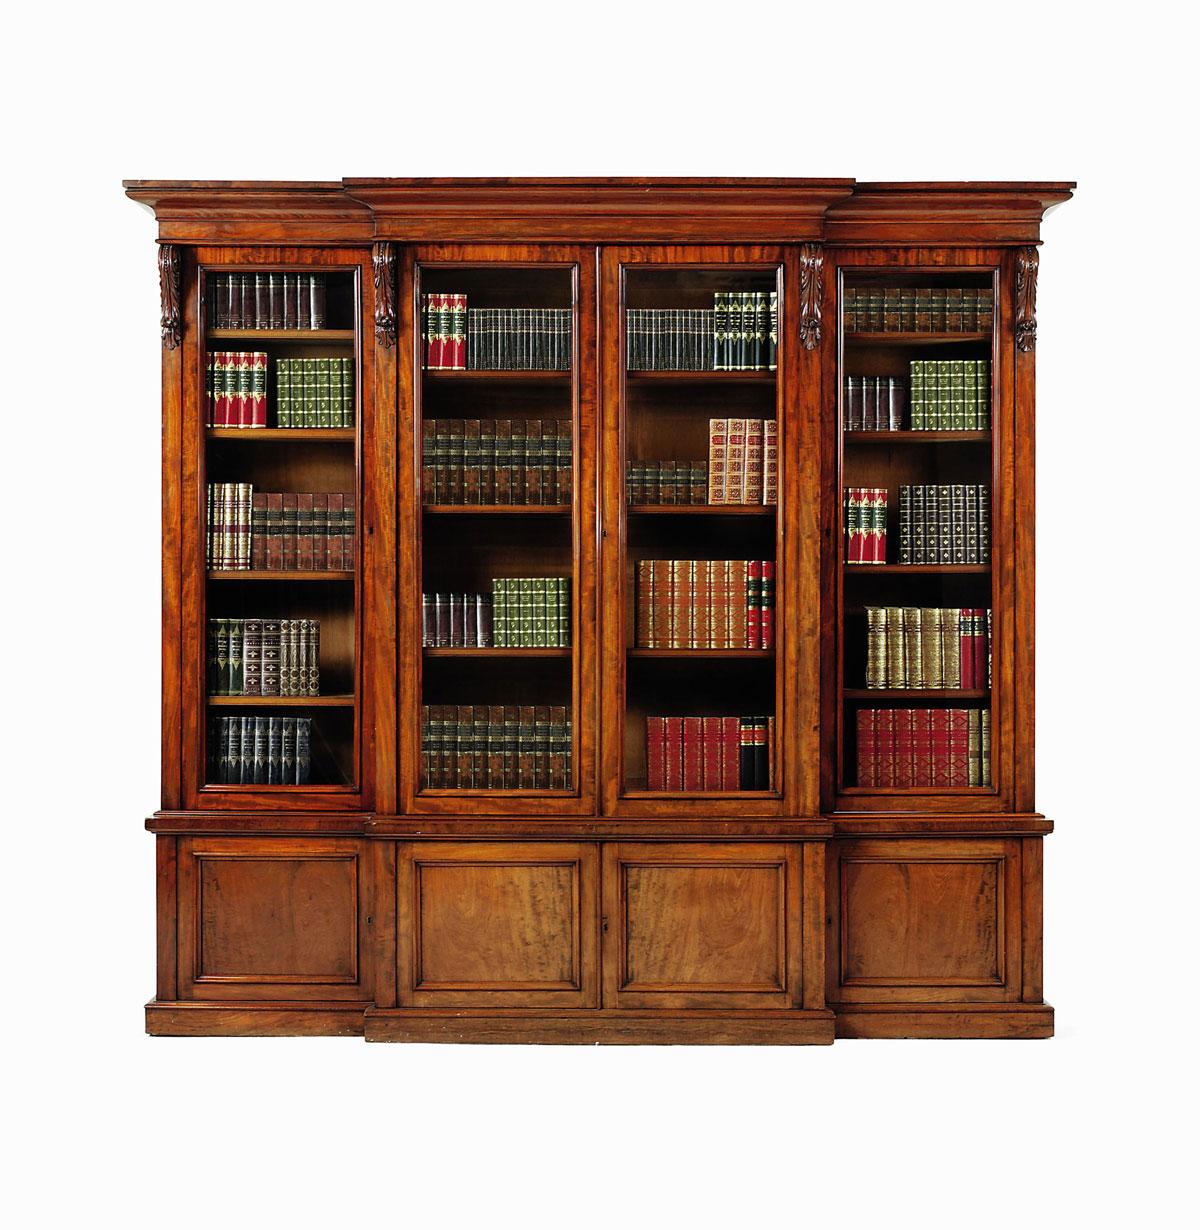 mobilier ancien Grasse meuble 18ème commode secrétaire table meuble 19ème empire napoléon restauration louis philippe